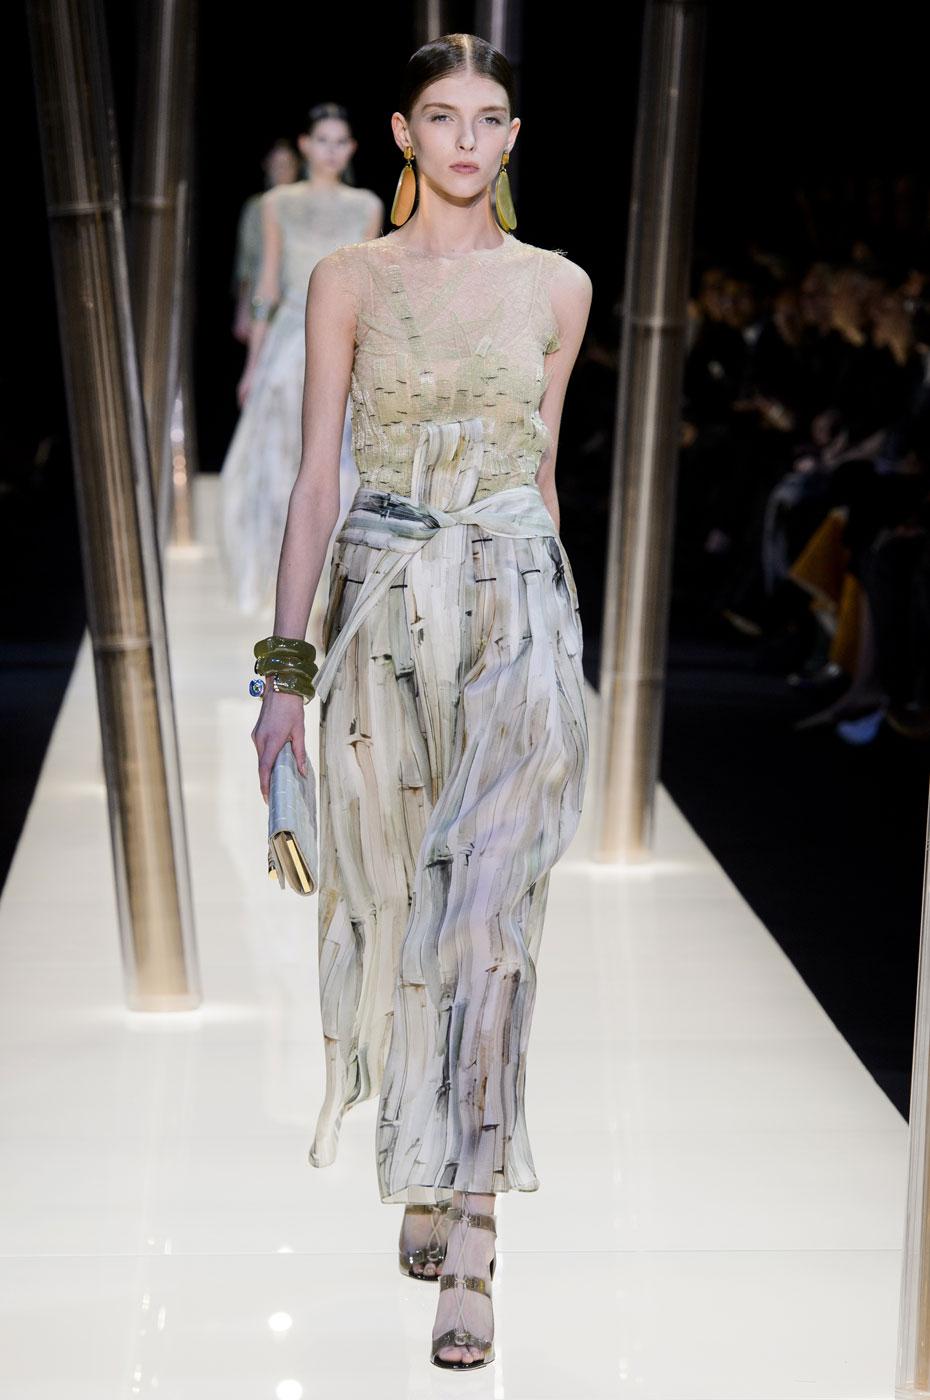 Giorgio-armani-Prive-fashion-runway-show-haute-couture-paris-spring-2015-the-impression-037